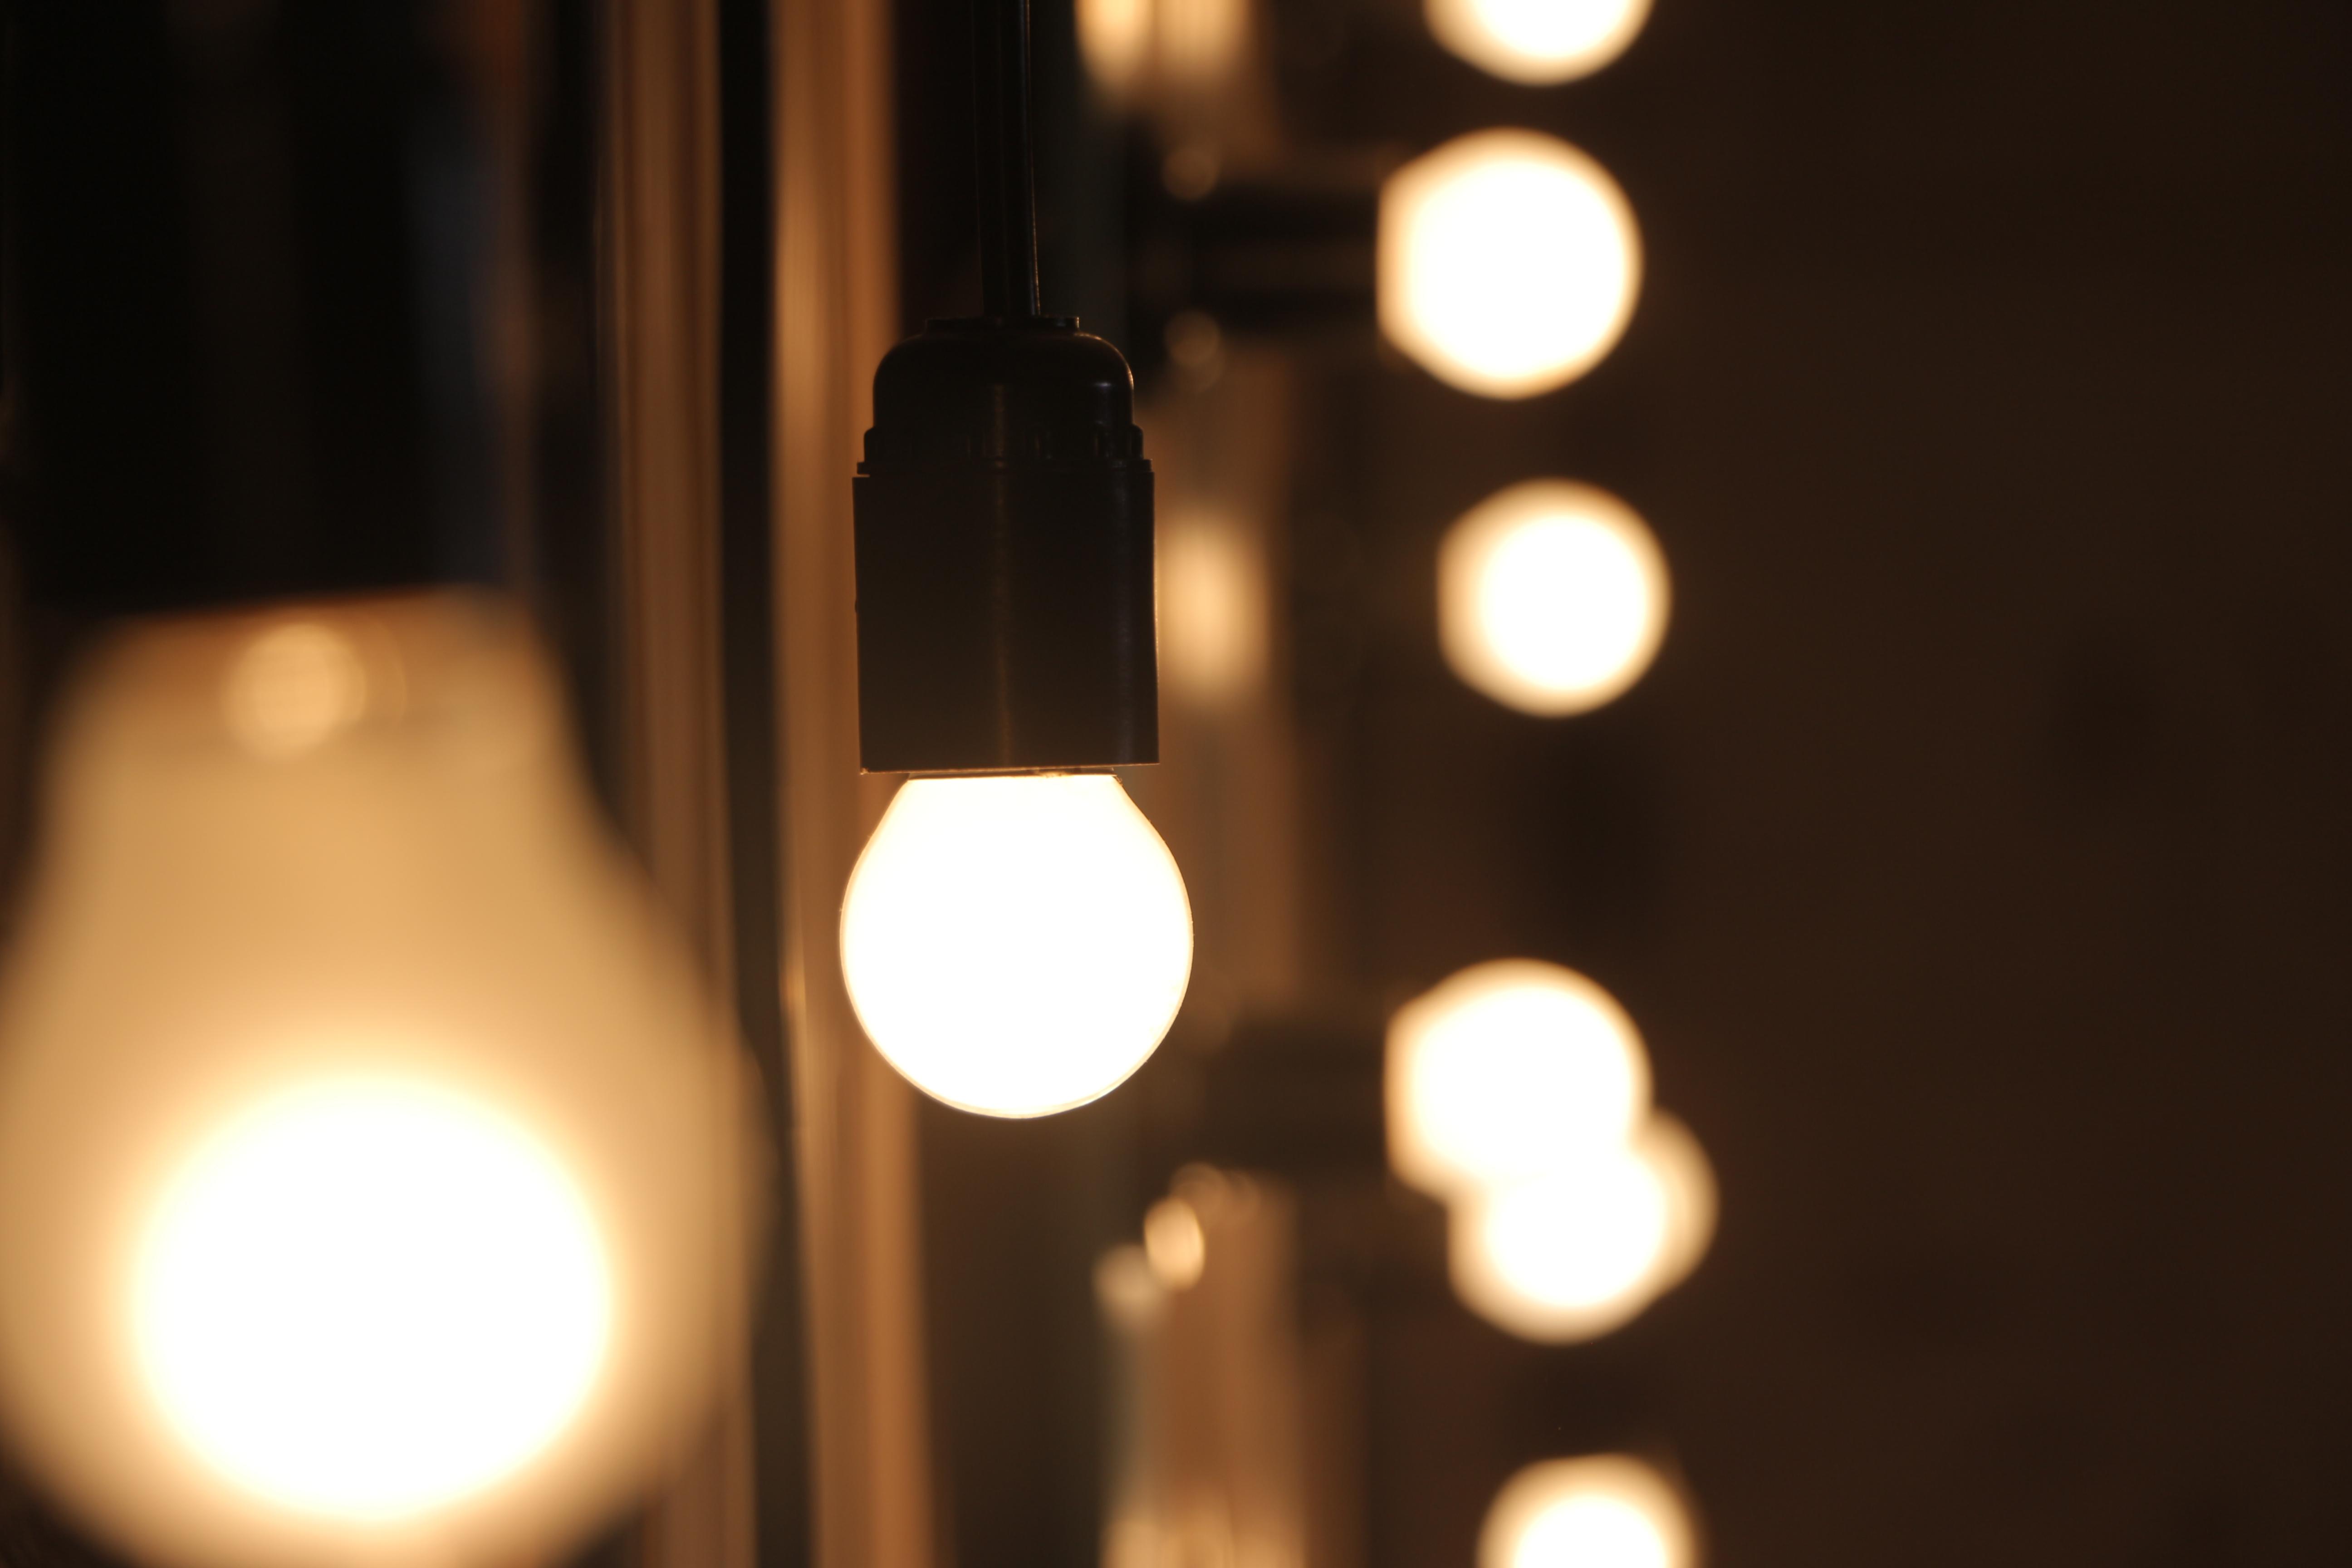 Immagini Belle : leggero, bokeh, sfocatura, il giro, soffitto, accogliente, oscurità, lampada, elettricità, candela, illuminazione, riflettore, cerchio, illuminato, avvicinamento, messa a fuoco, luminosa, caldo, lampadine, lampadina ad incandescenza, luminescenza, applique 5184x3456